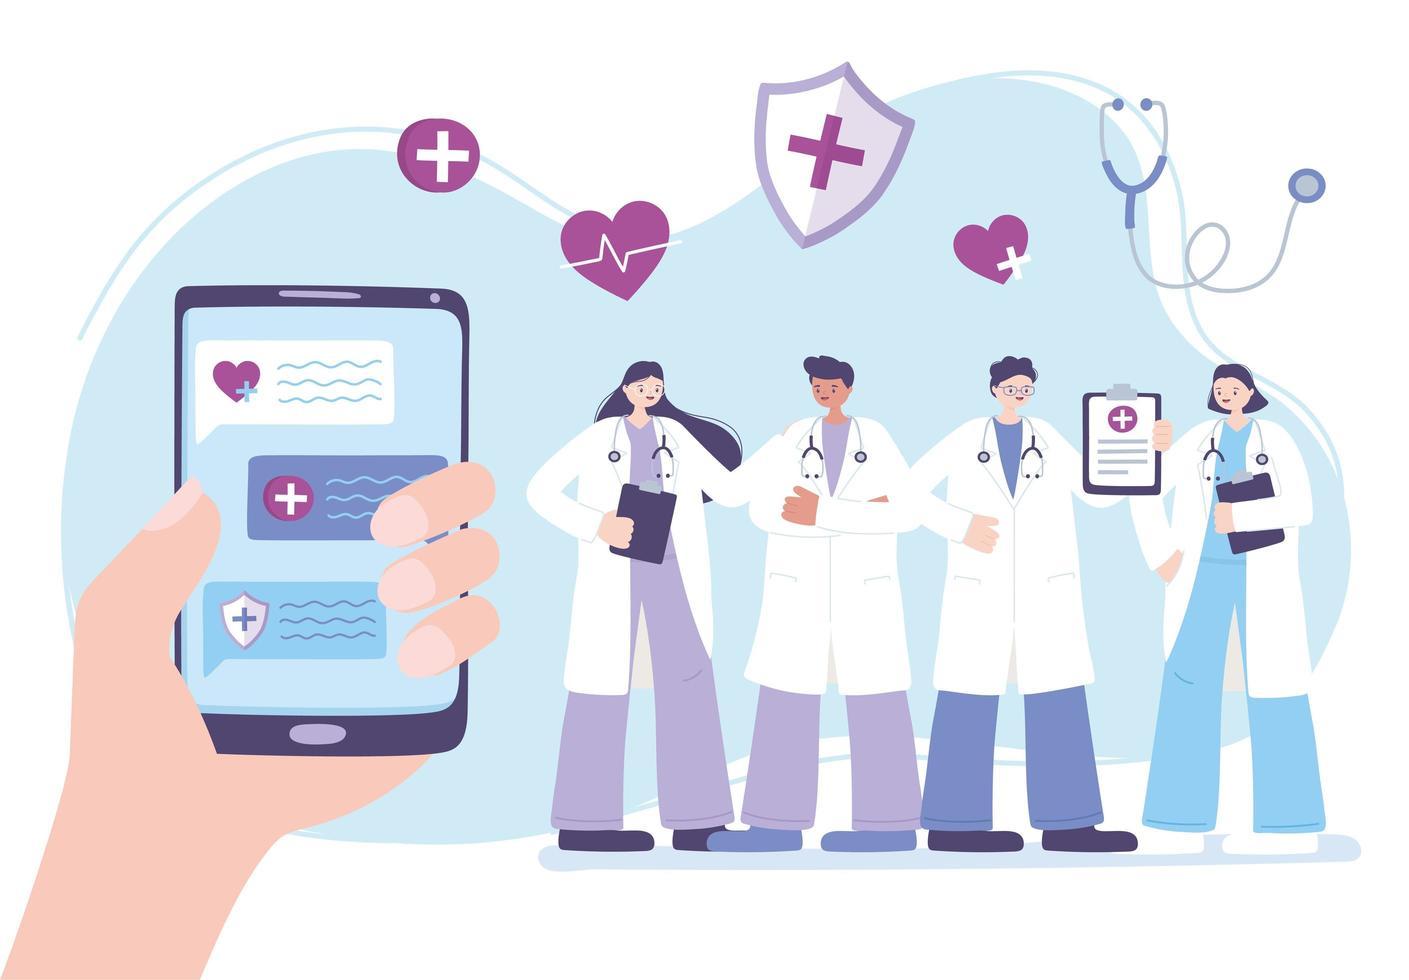 concept de télémédecine avec des médecins et une main tenant un téléphone vecteur